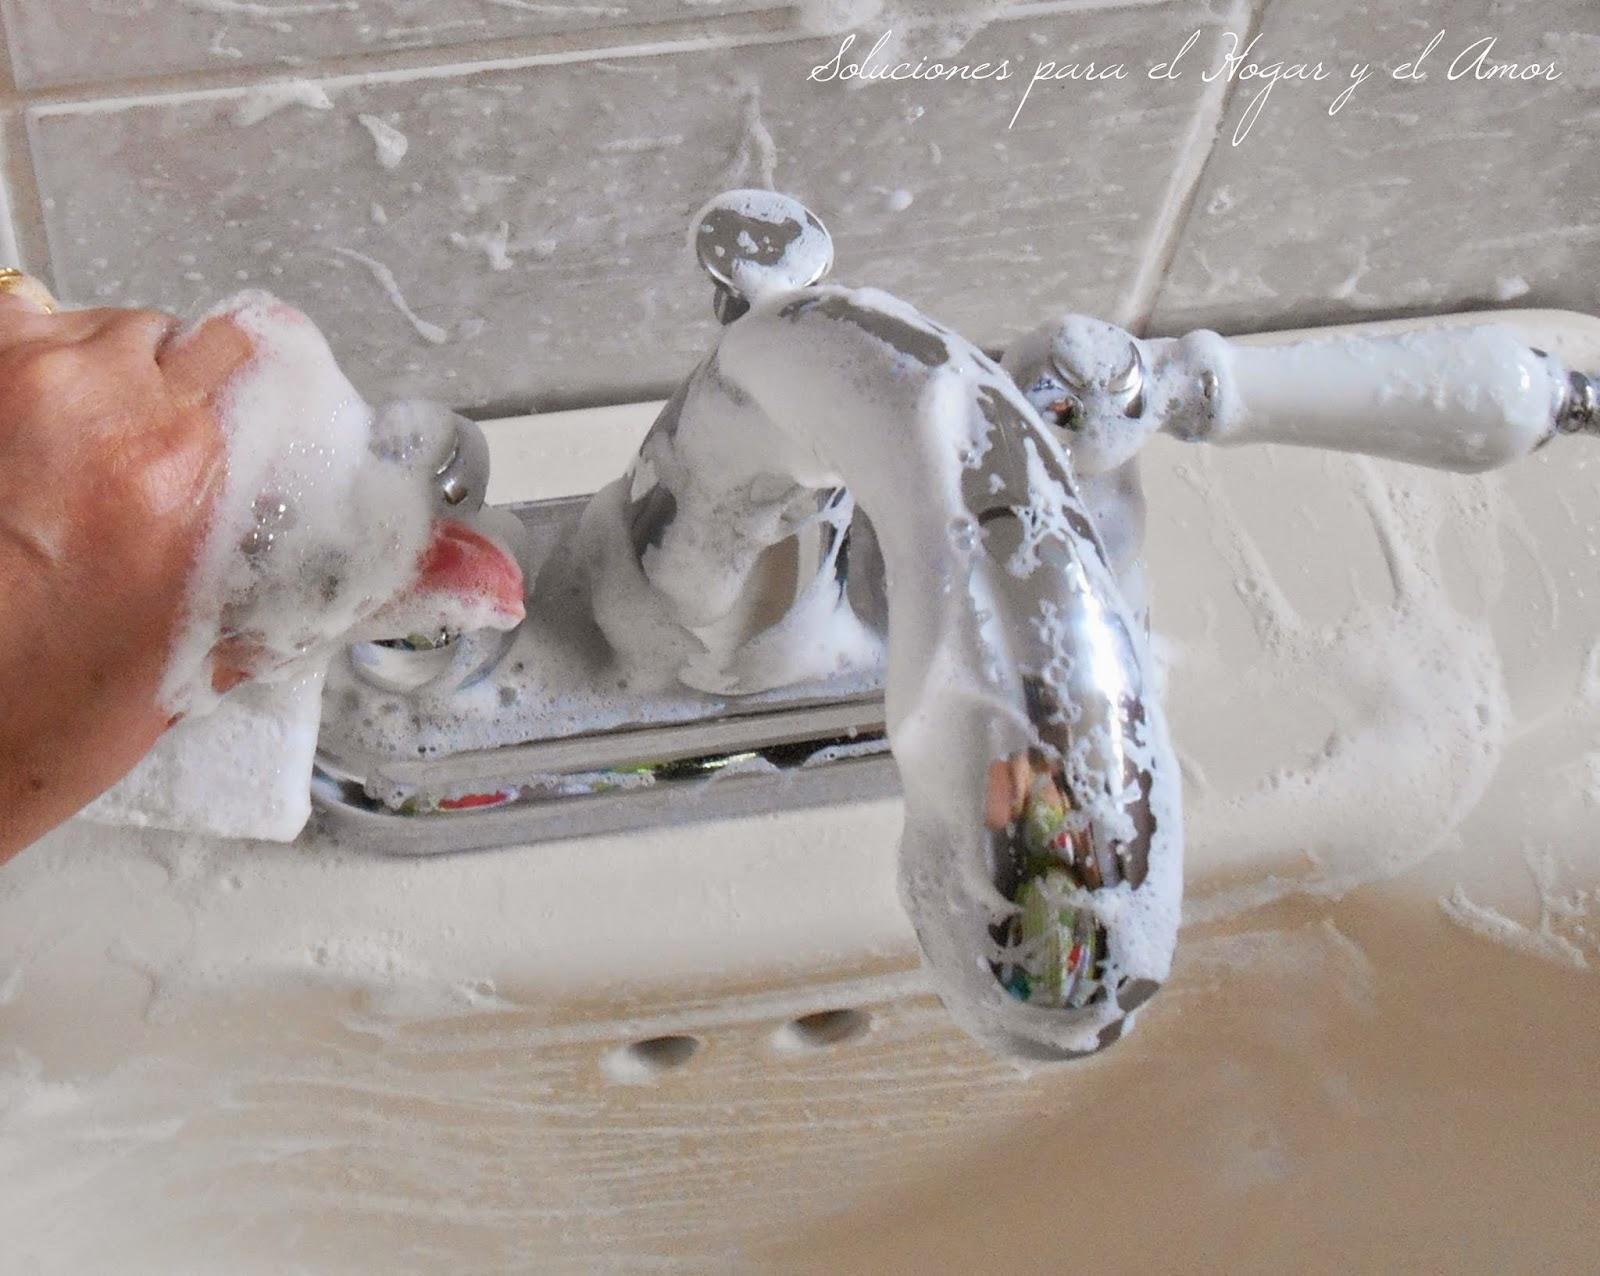 Otro uso para el Shampoo y el Gel de Baño, como limpiar el baño, como limpiar el lavamanos fácil